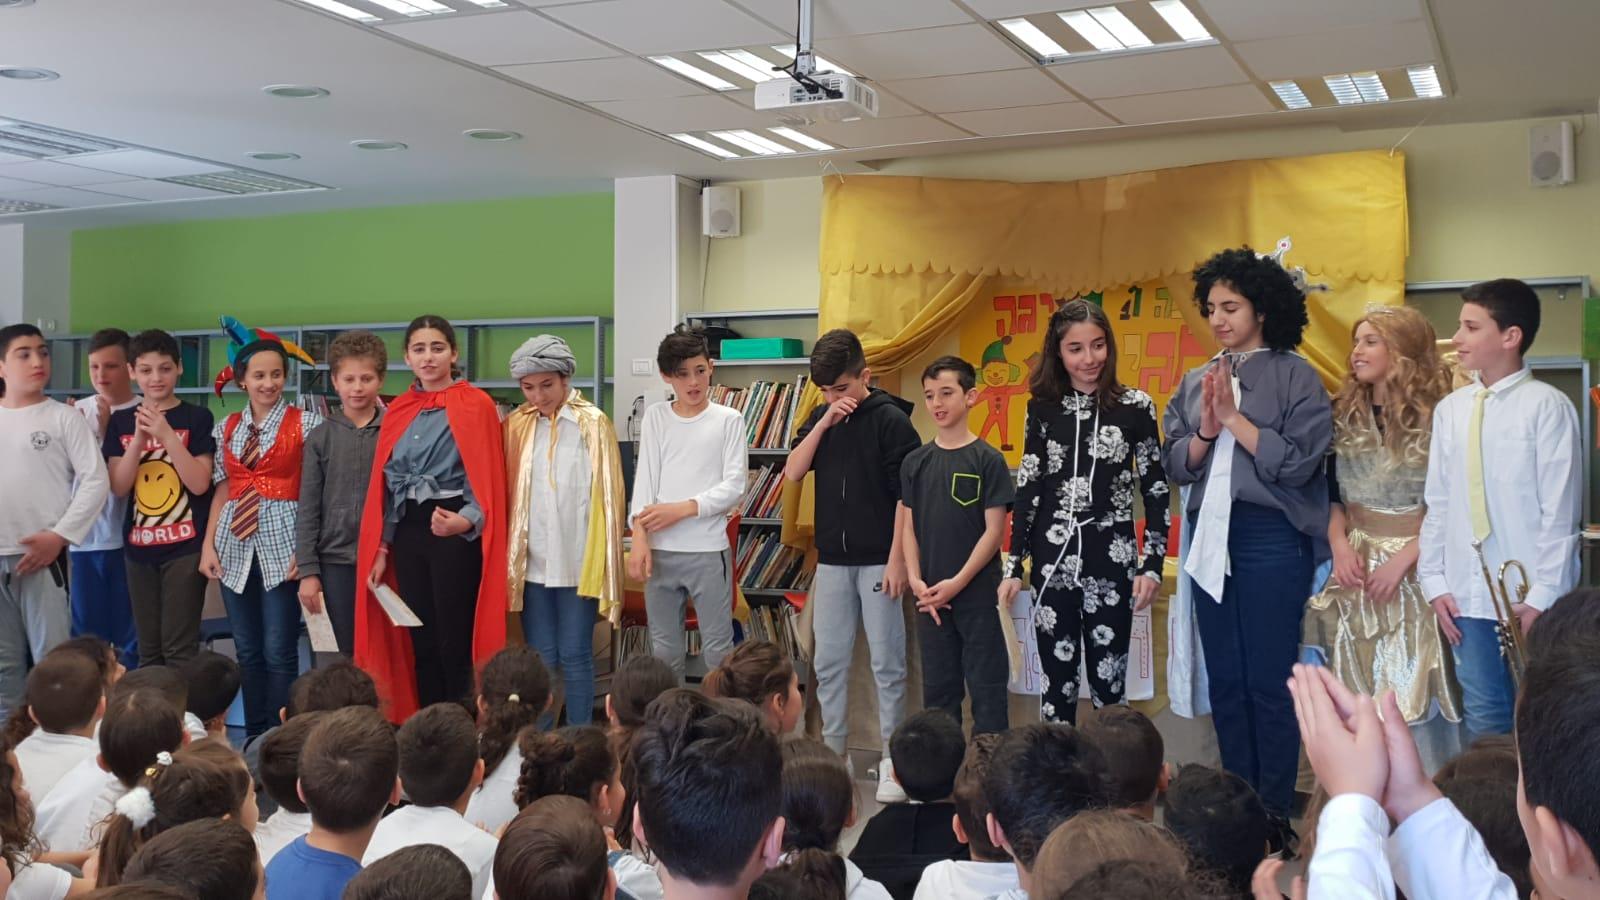 טקס ראש חודש אדר ב- בהובלת תלמידי כיתה ו